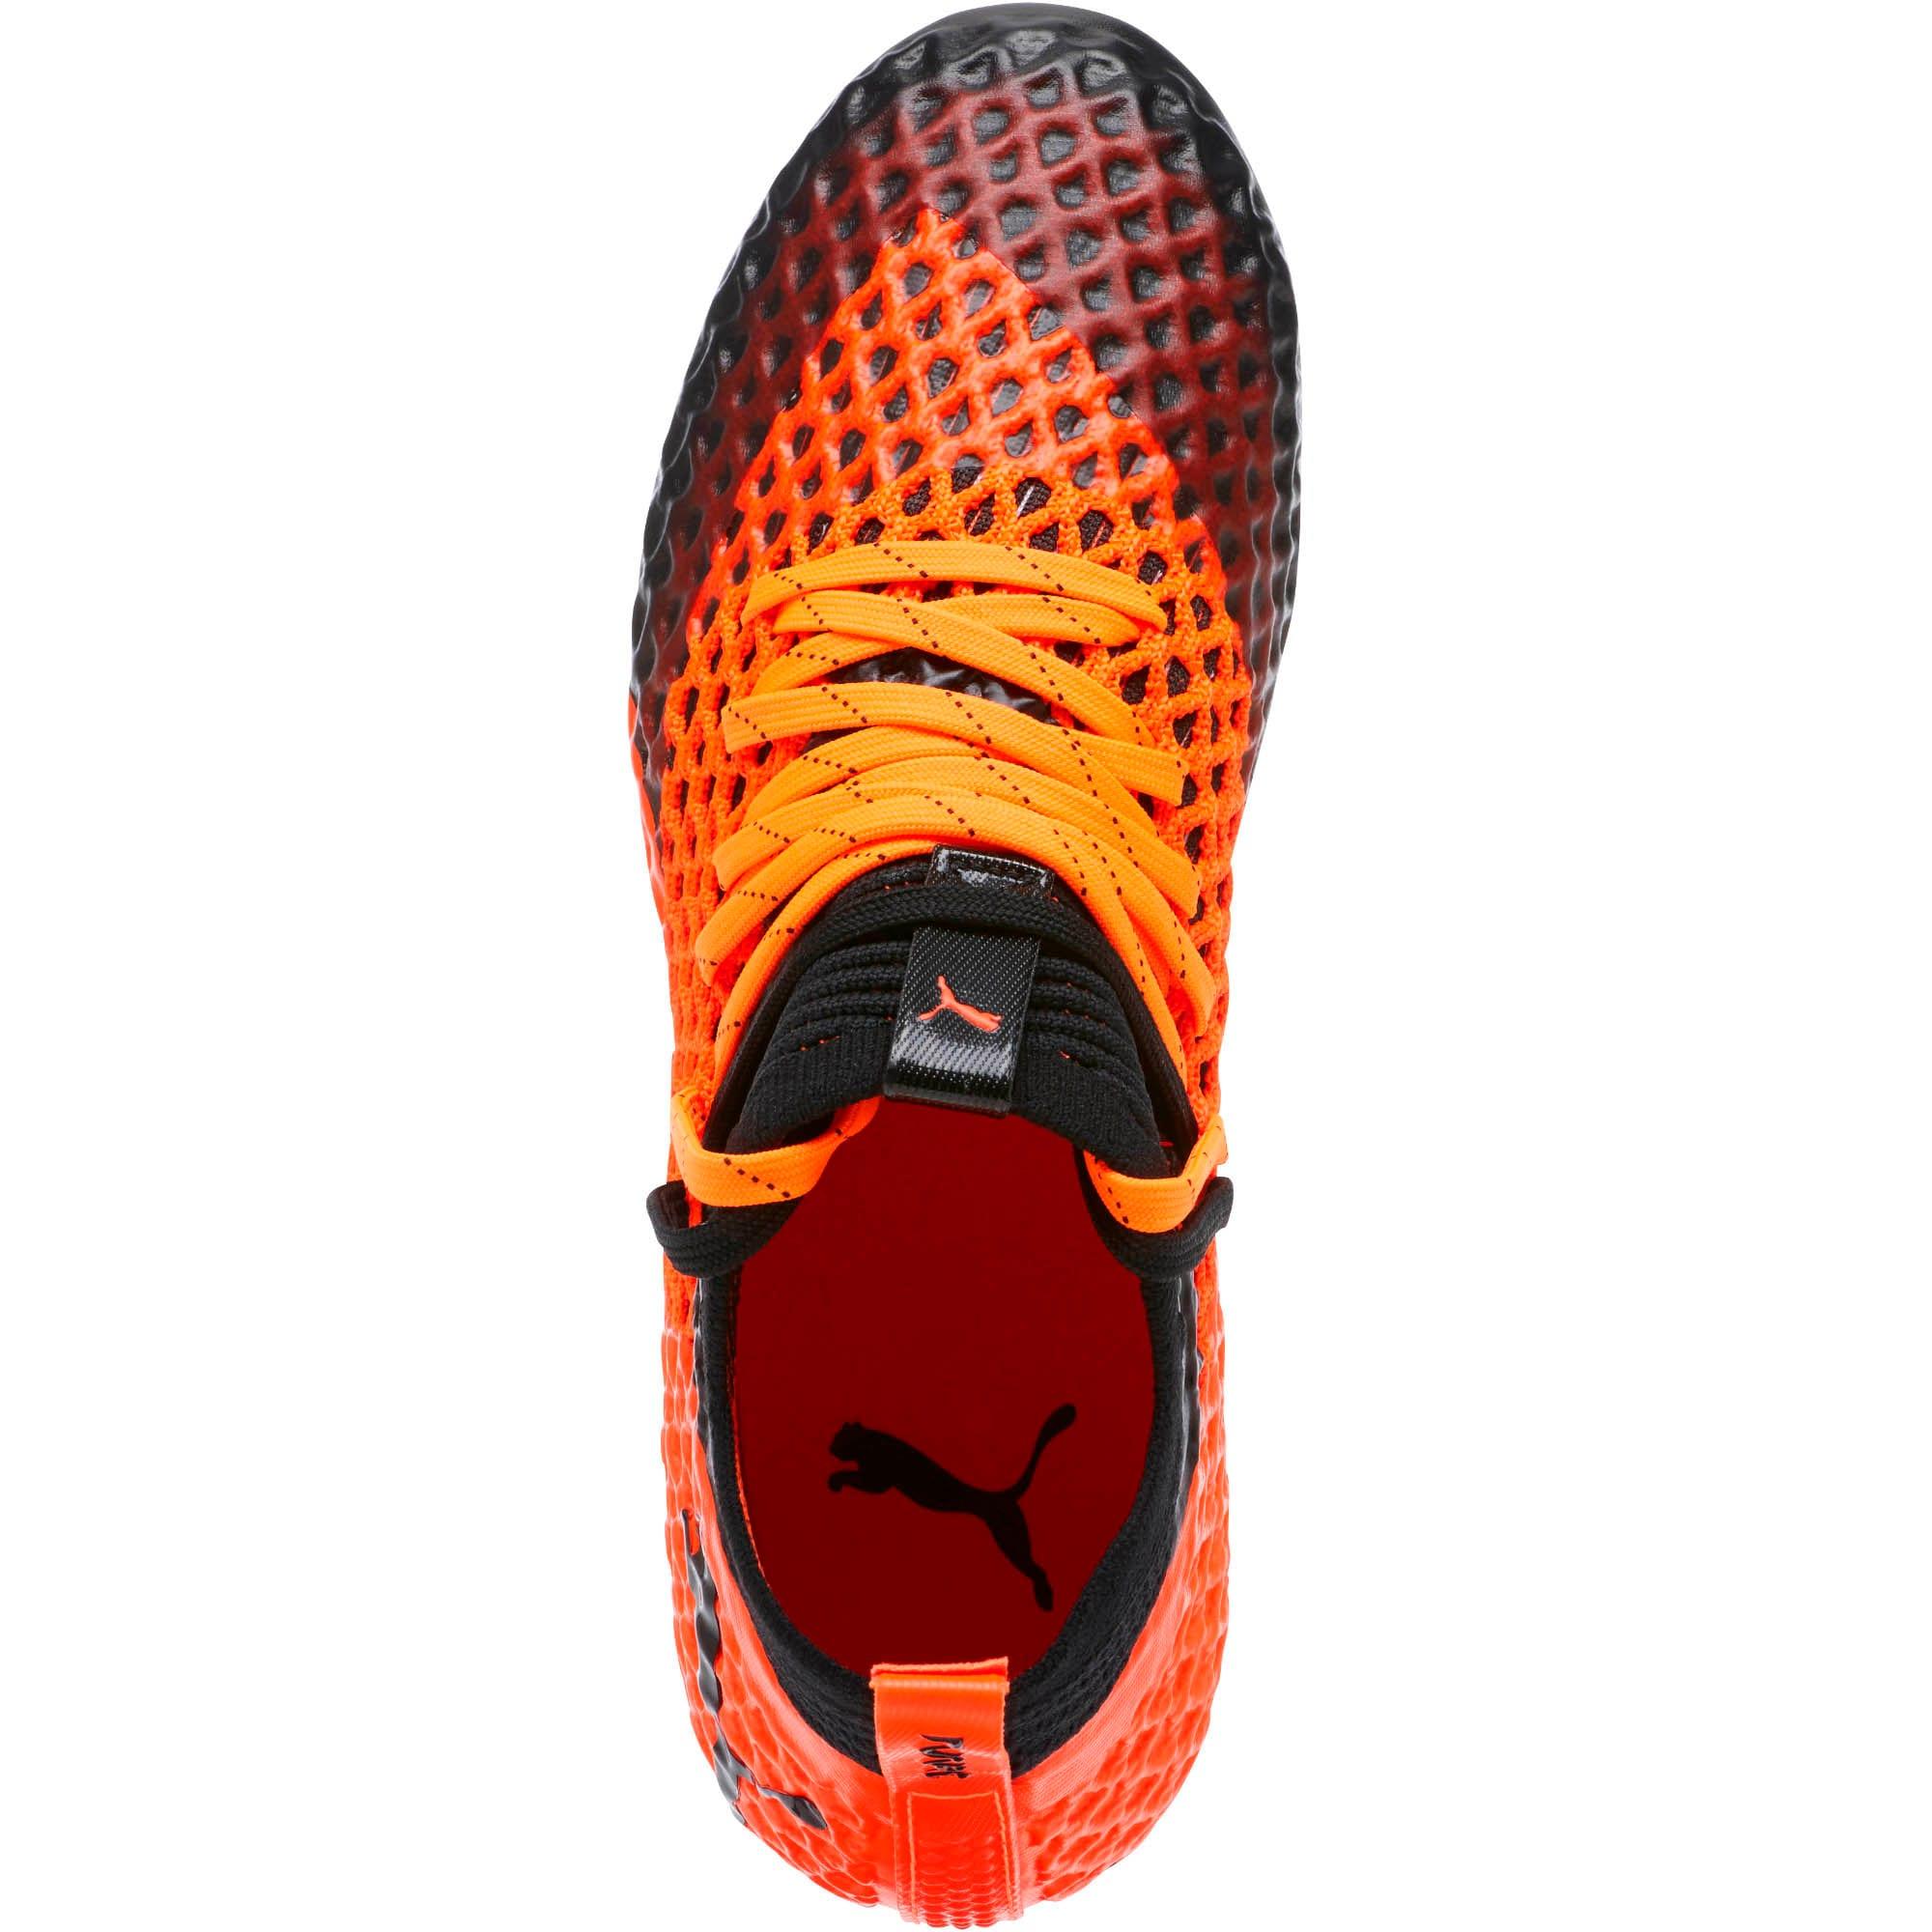 Thumbnail 5 of FUTURE 2.1 NETFIT FG/AG Soccer Cleats JR, Black-Orange, medium